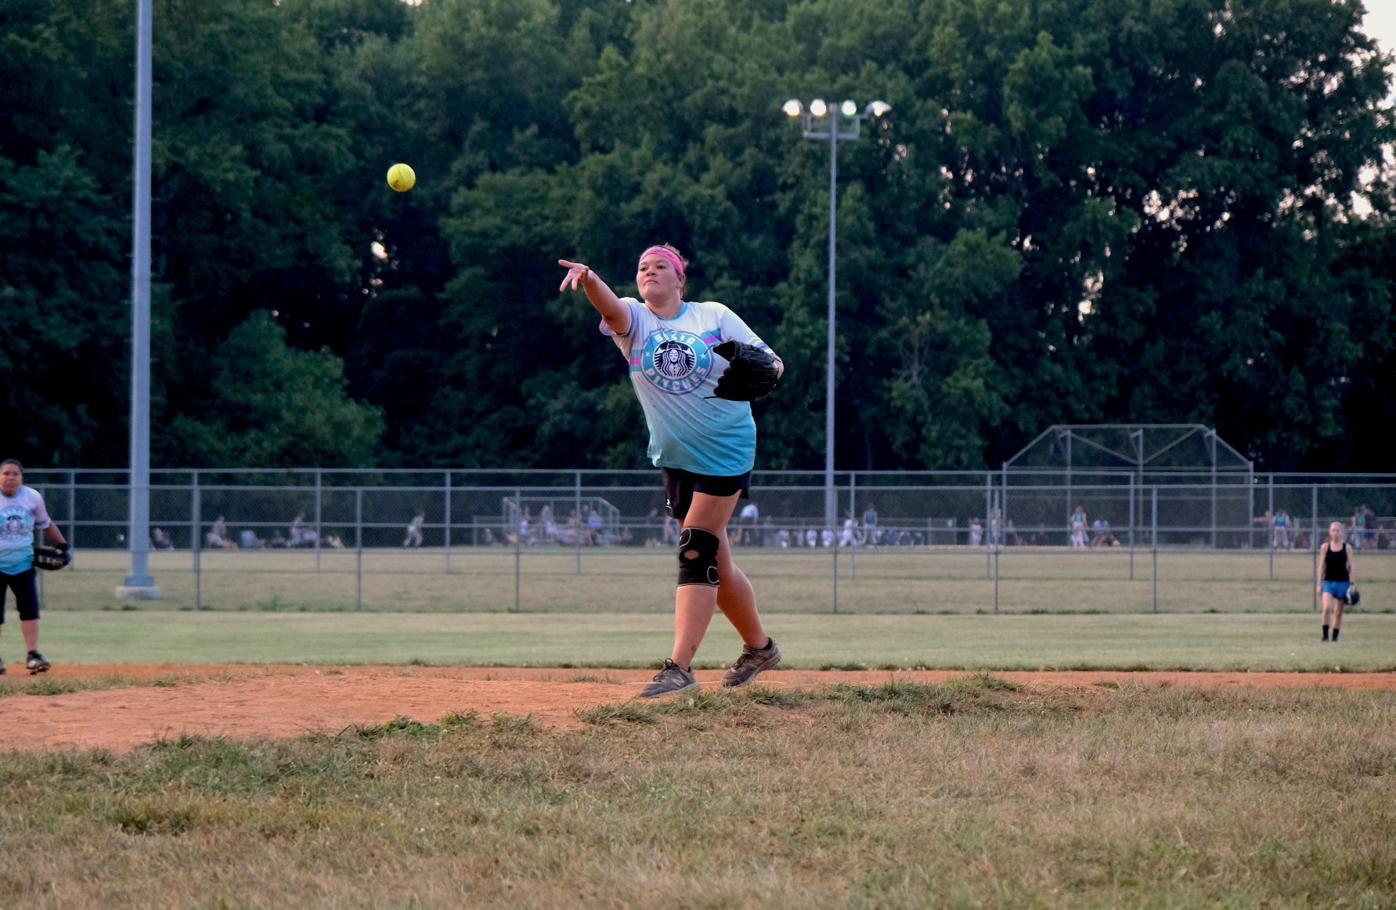 Bengies Chase Softball.JPG